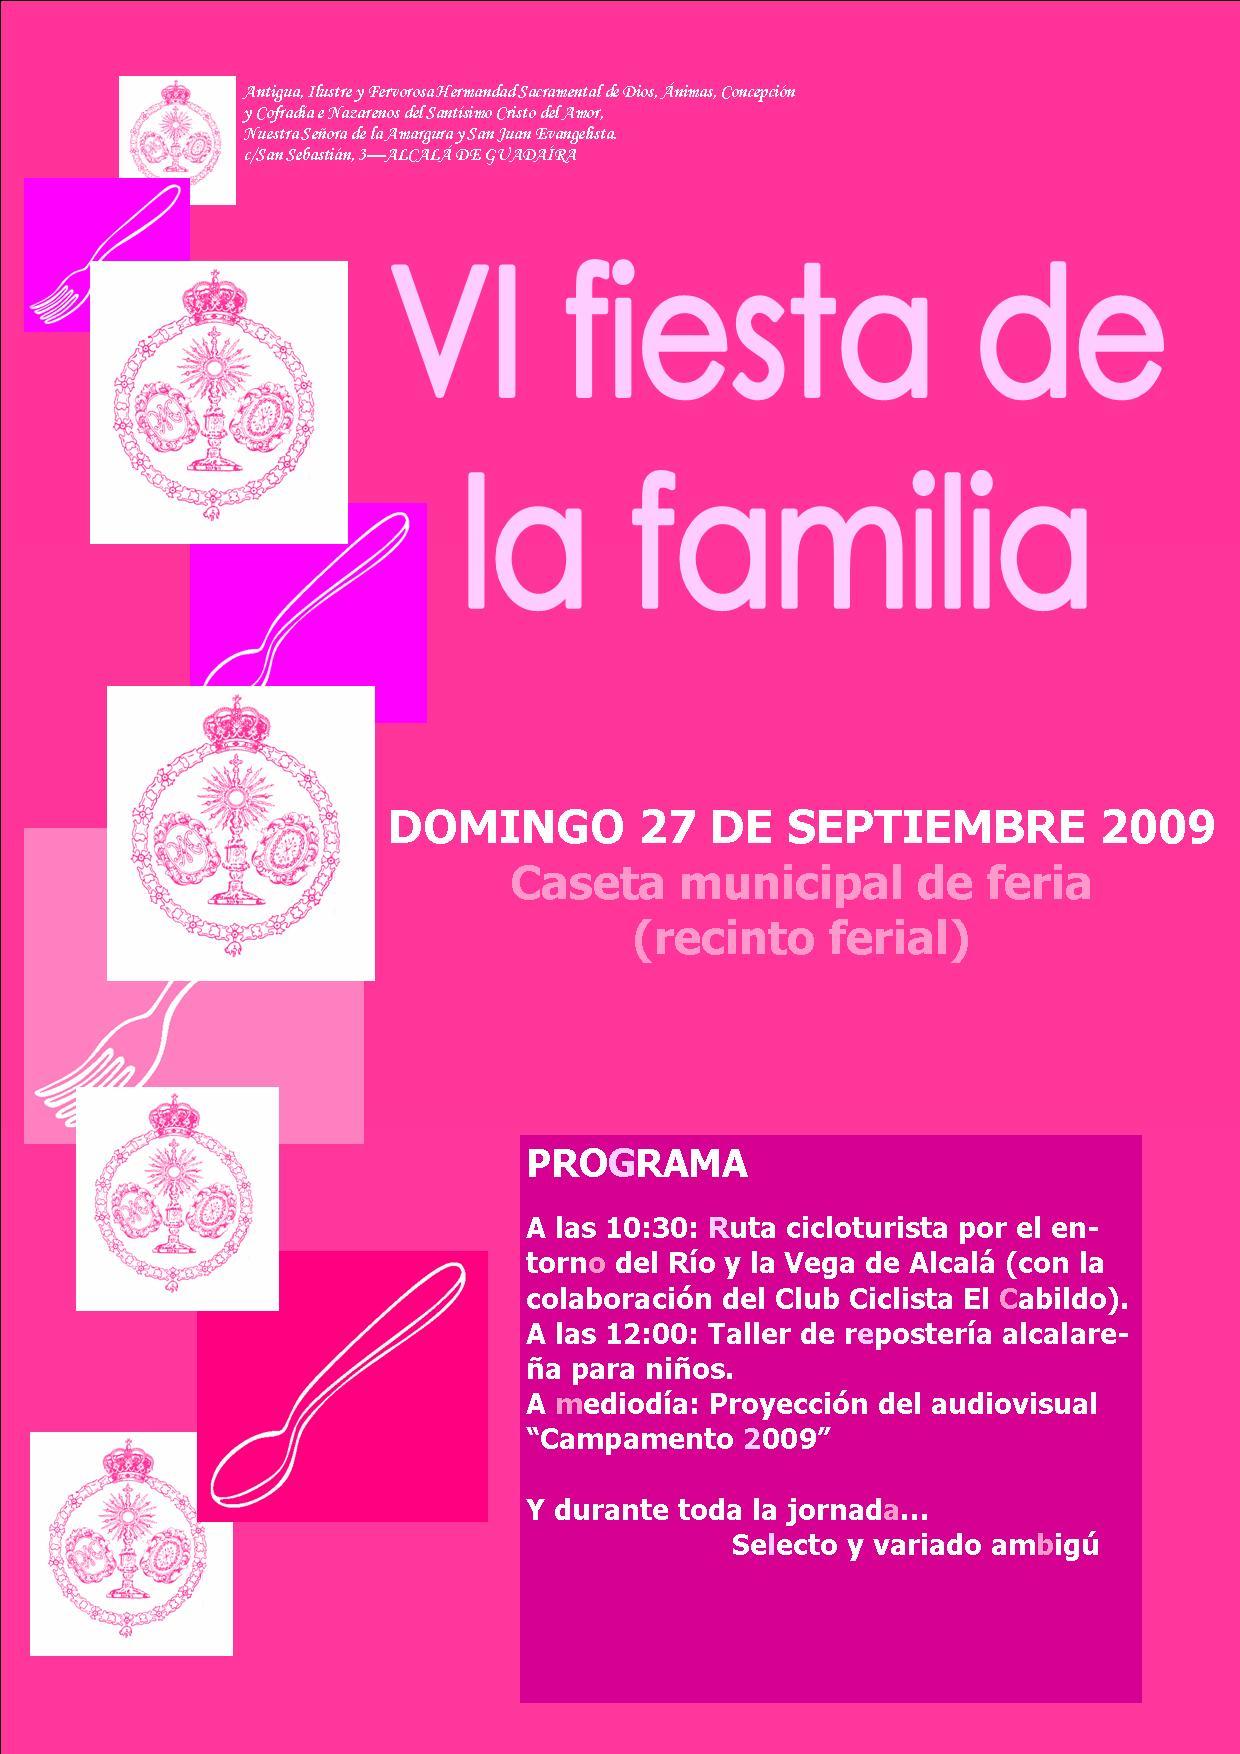 VI Fiesta de la Familia3